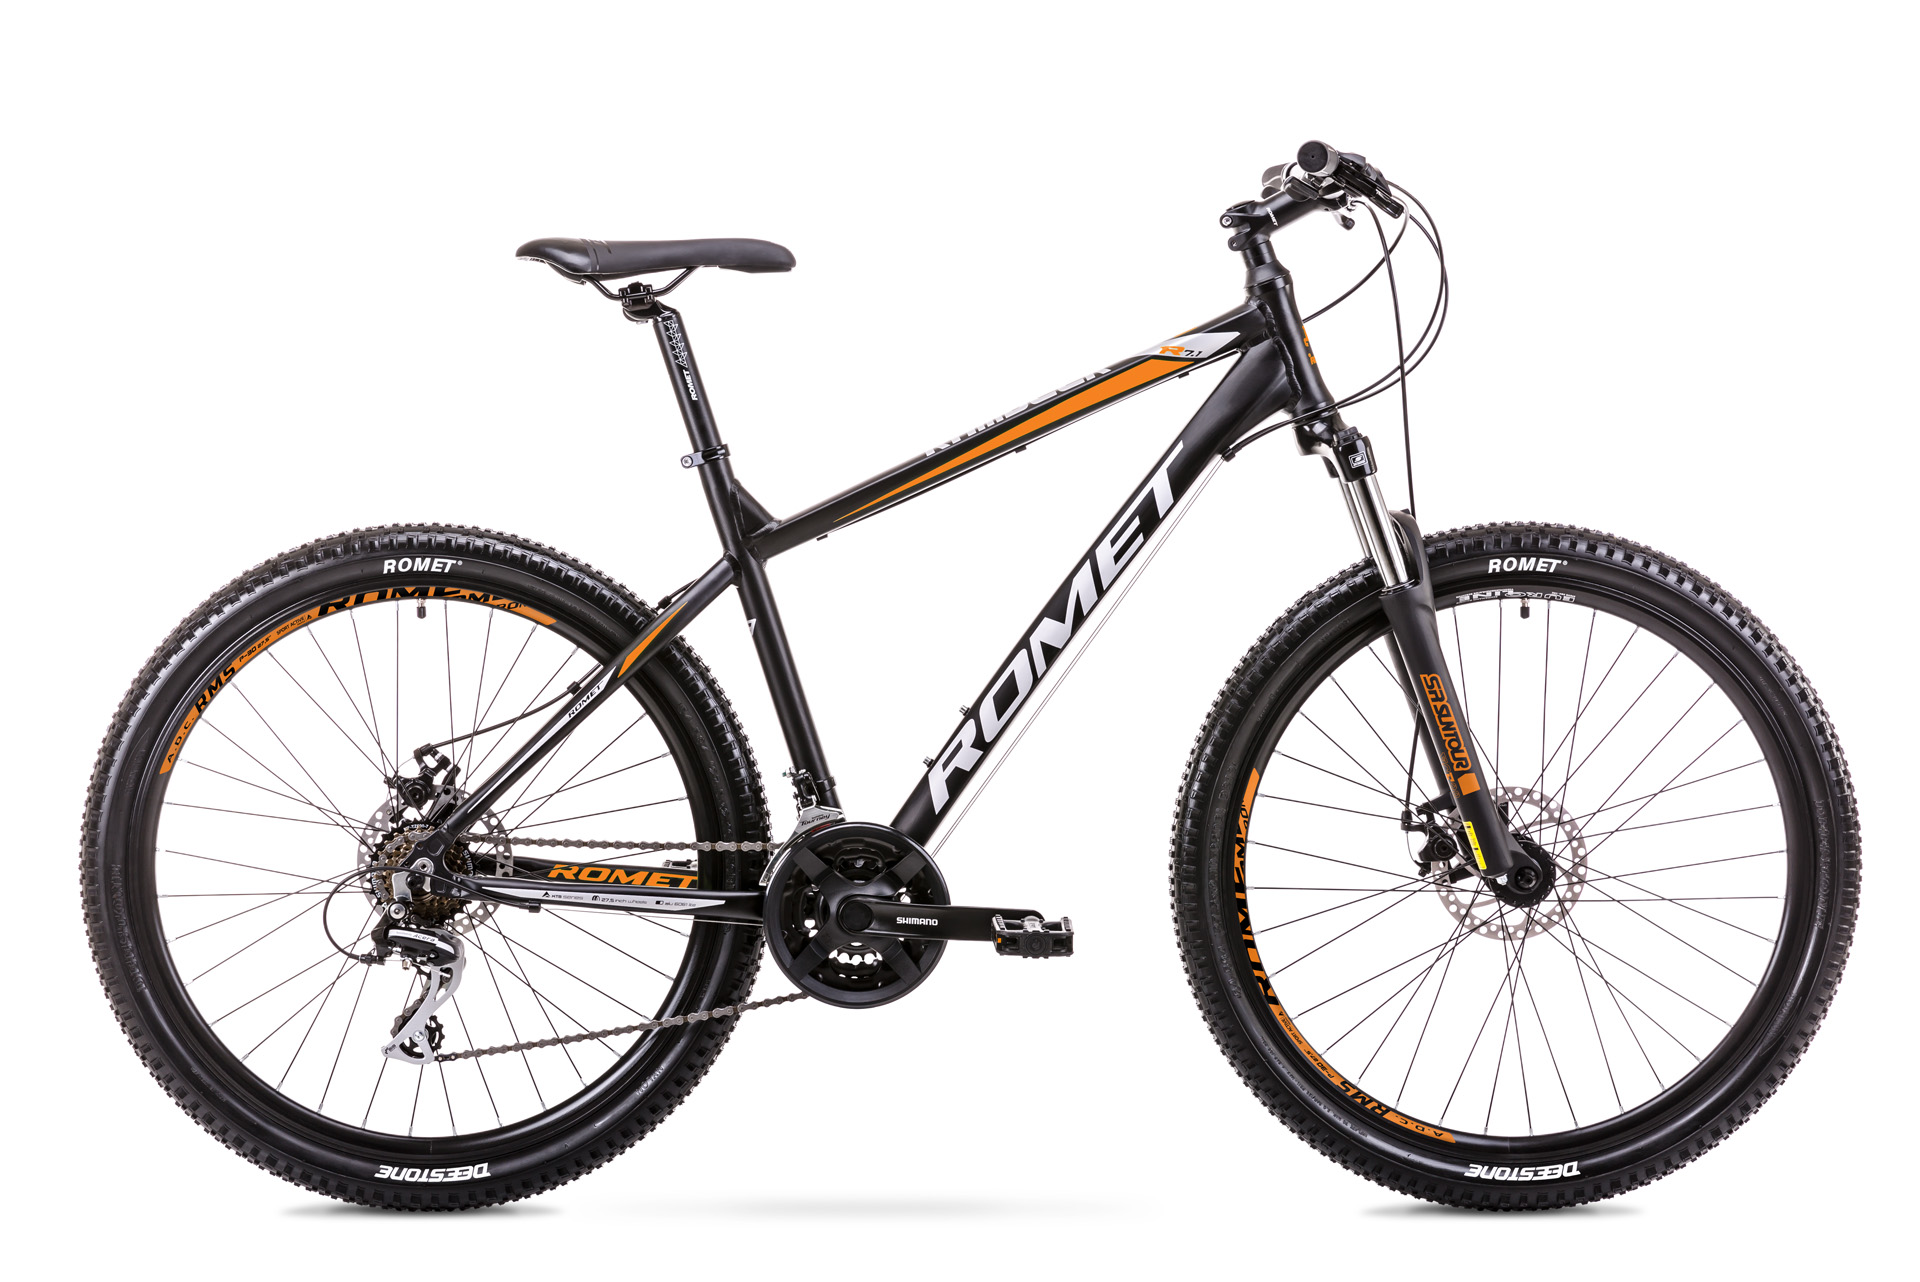 ROMET Rambler R7.1 2019 27,5 650b mountain bike kerékpár fekete